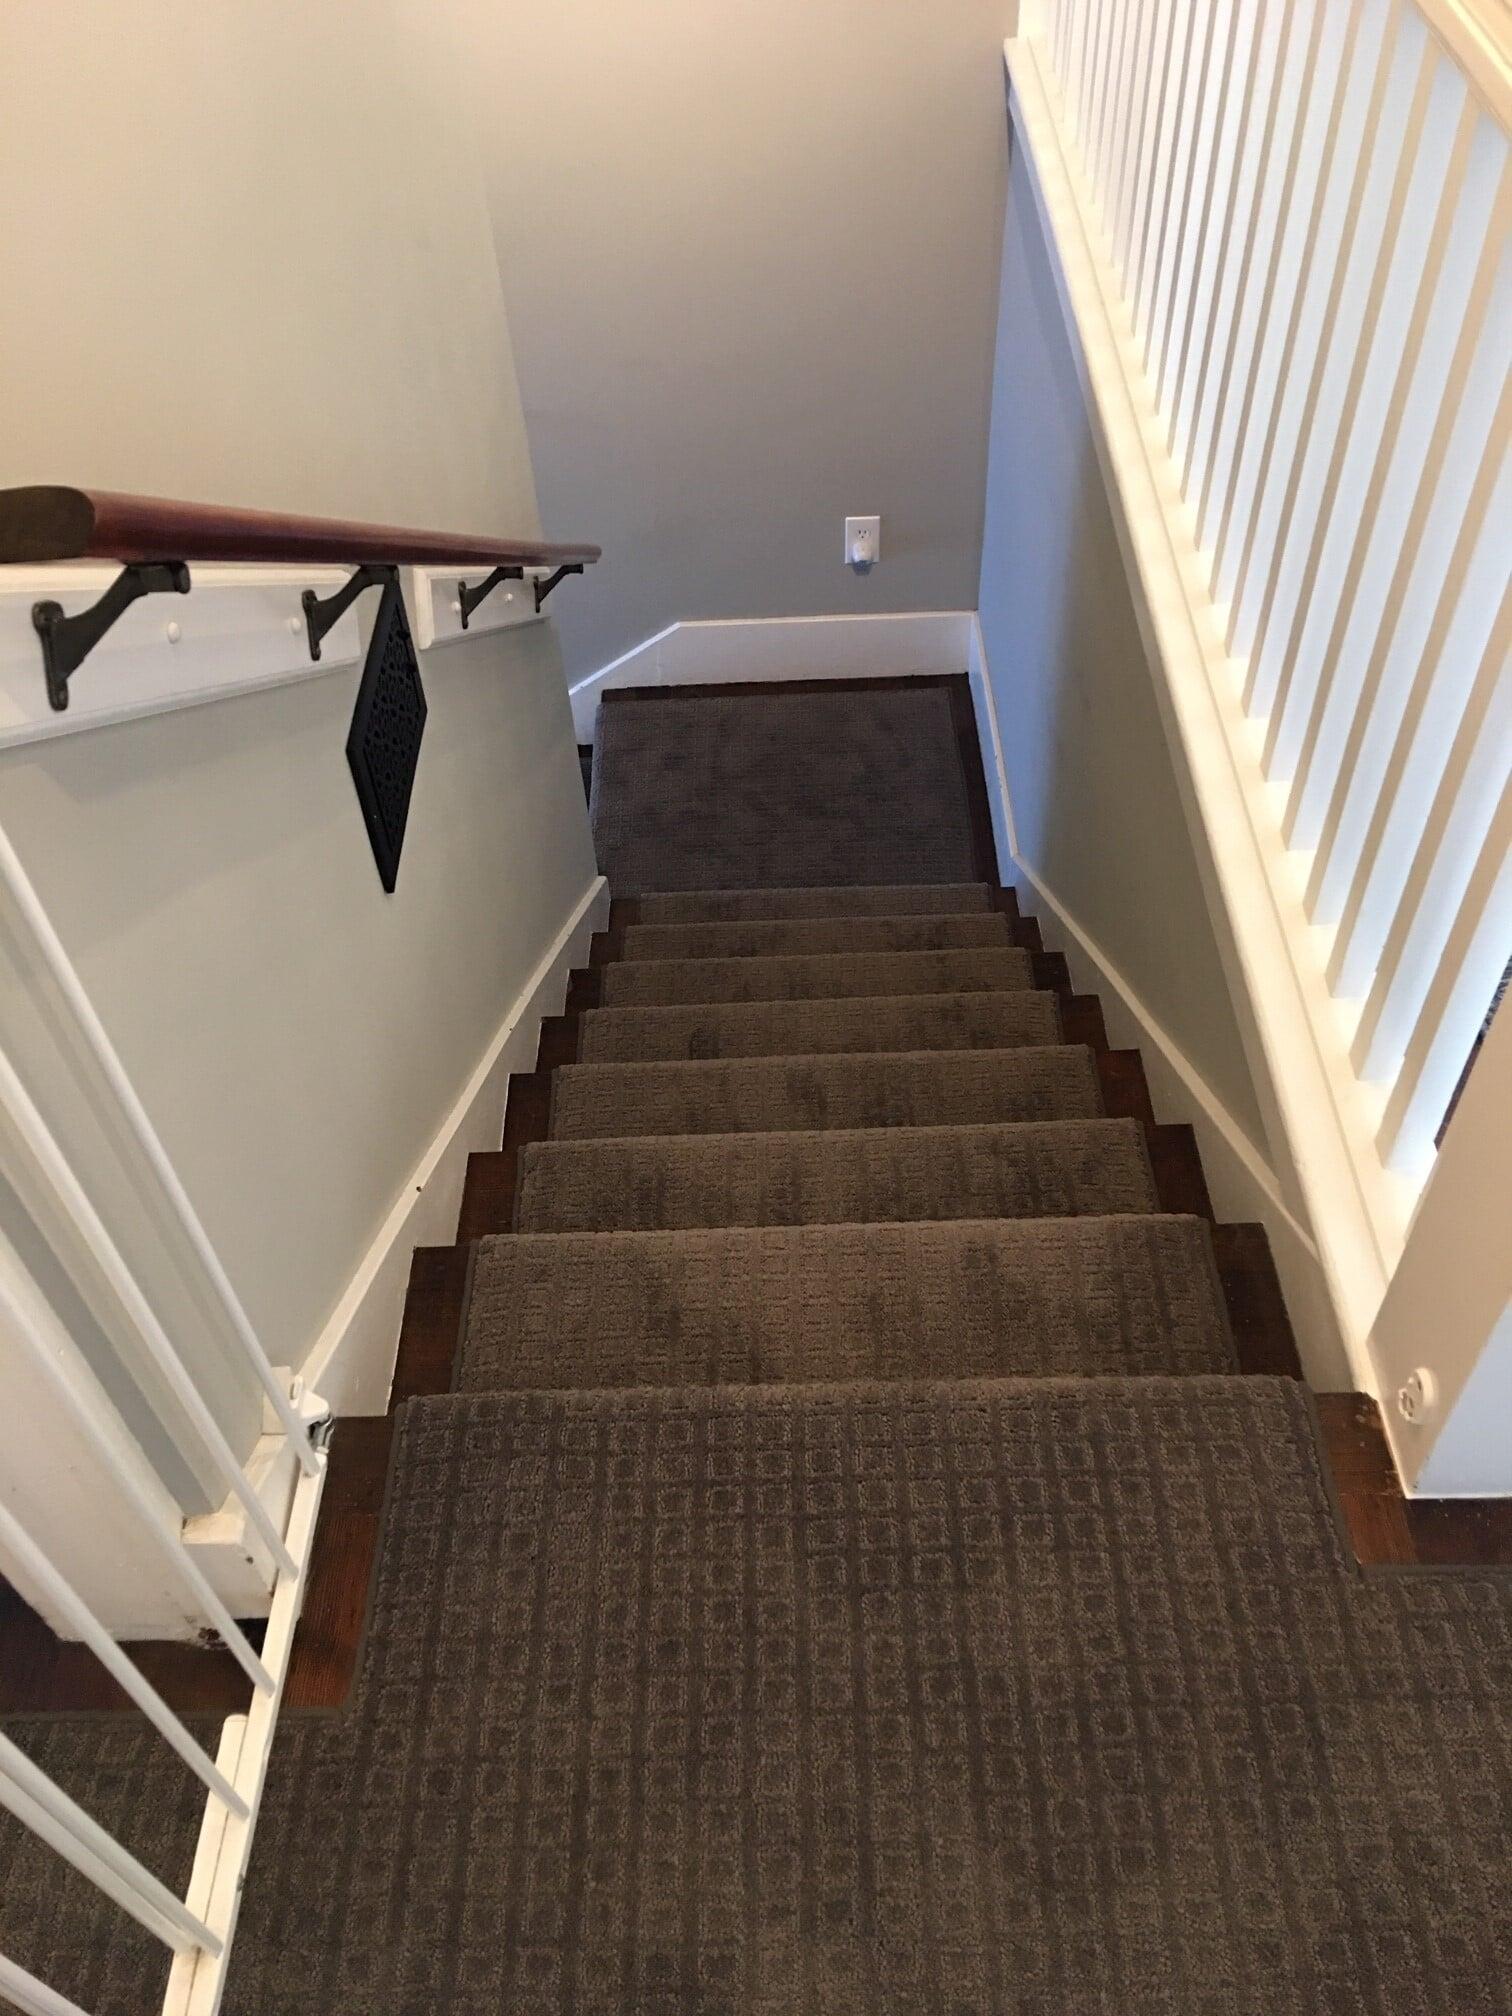 Carpet stair runner in Edmonds, WA from Vogel's Carpet & Flooring